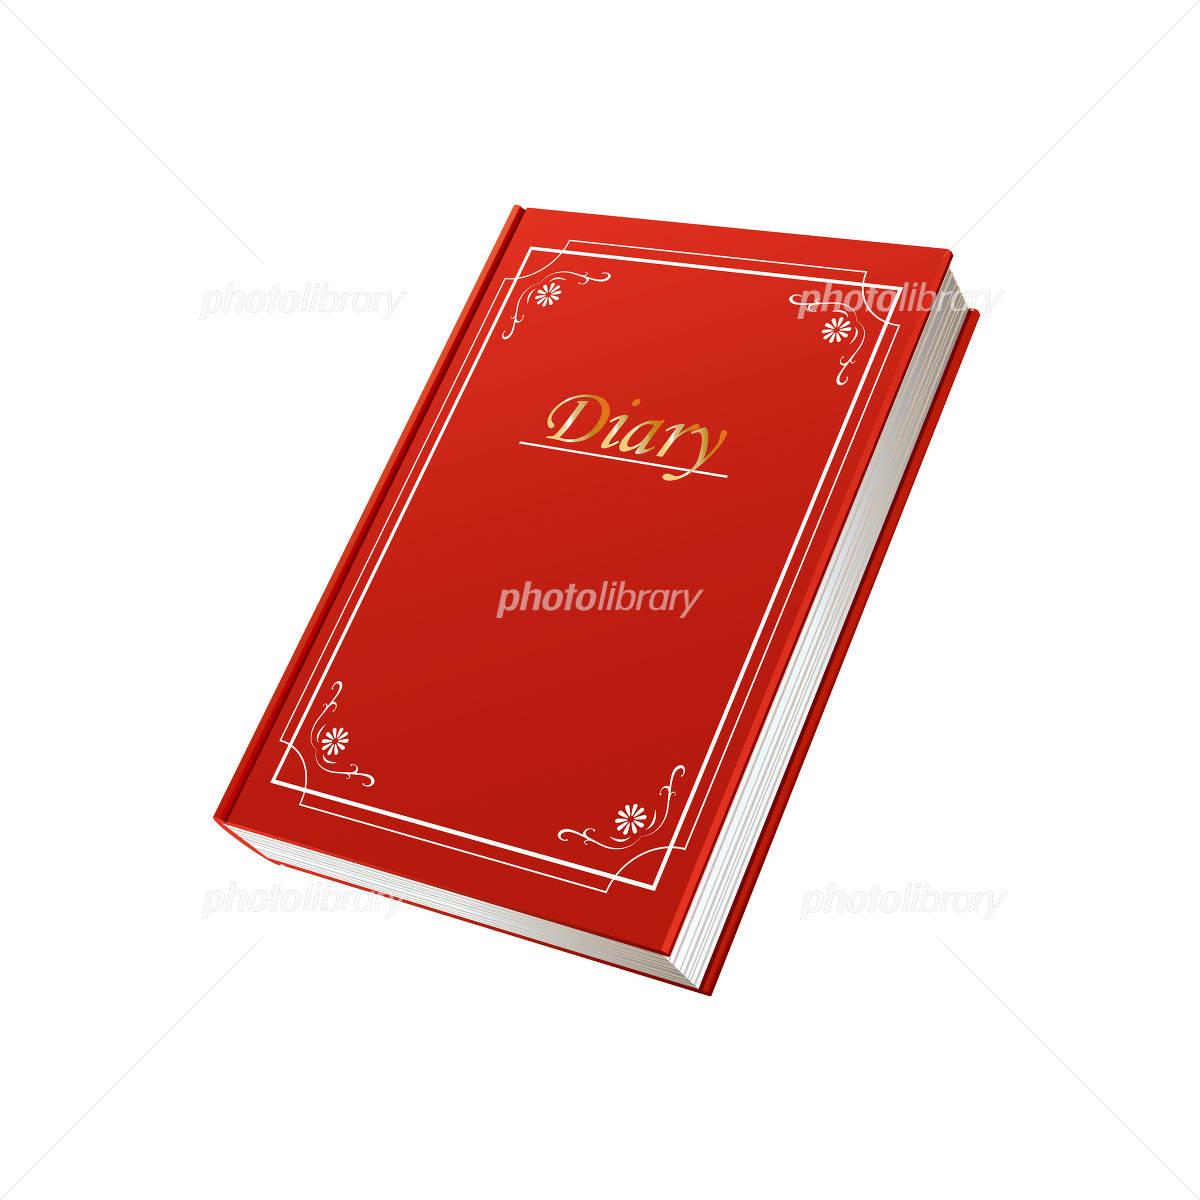 赤い日記帳のイラスト イラスト素材 944617 フォトライブラリー